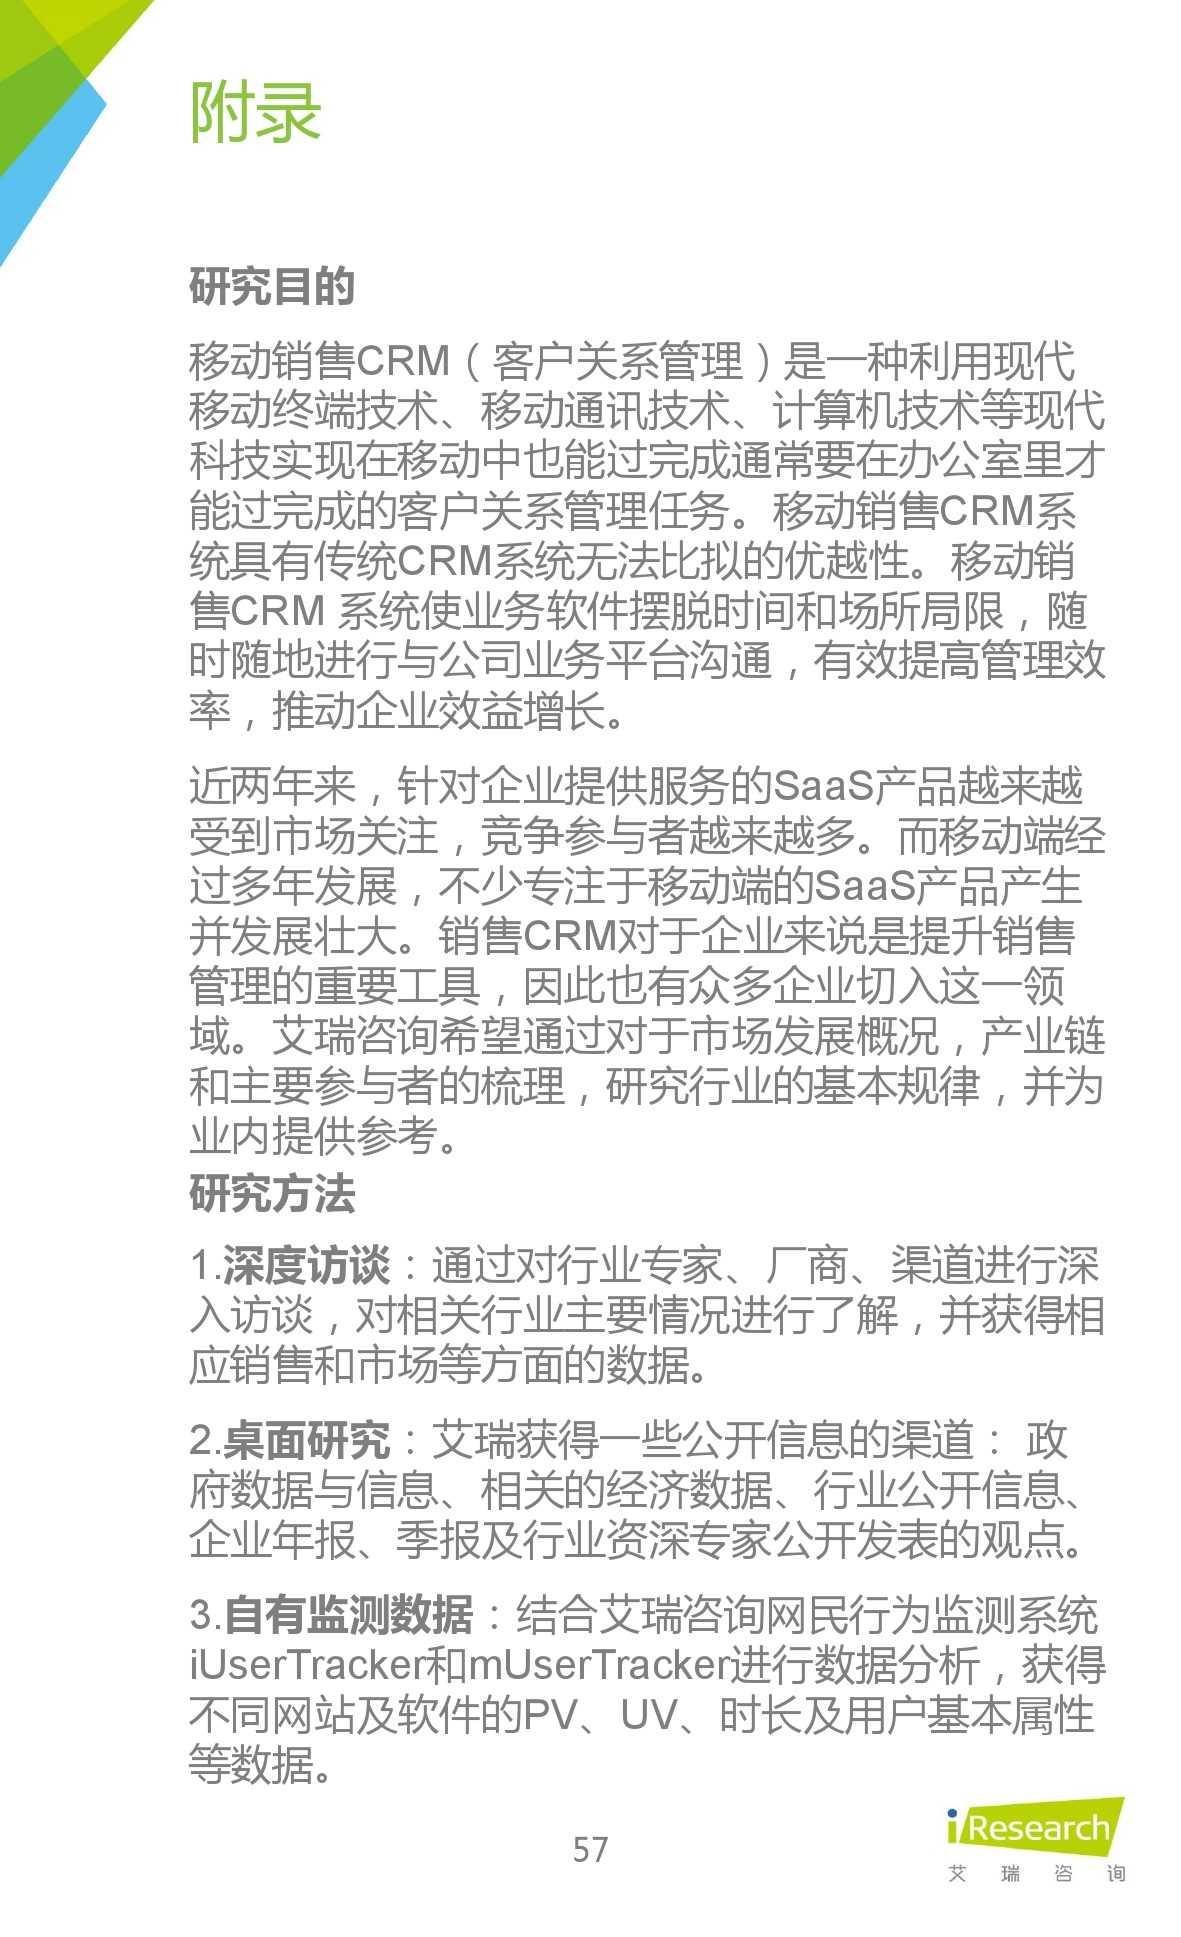 2015年中国移动销售CRM行业研究报告_000057